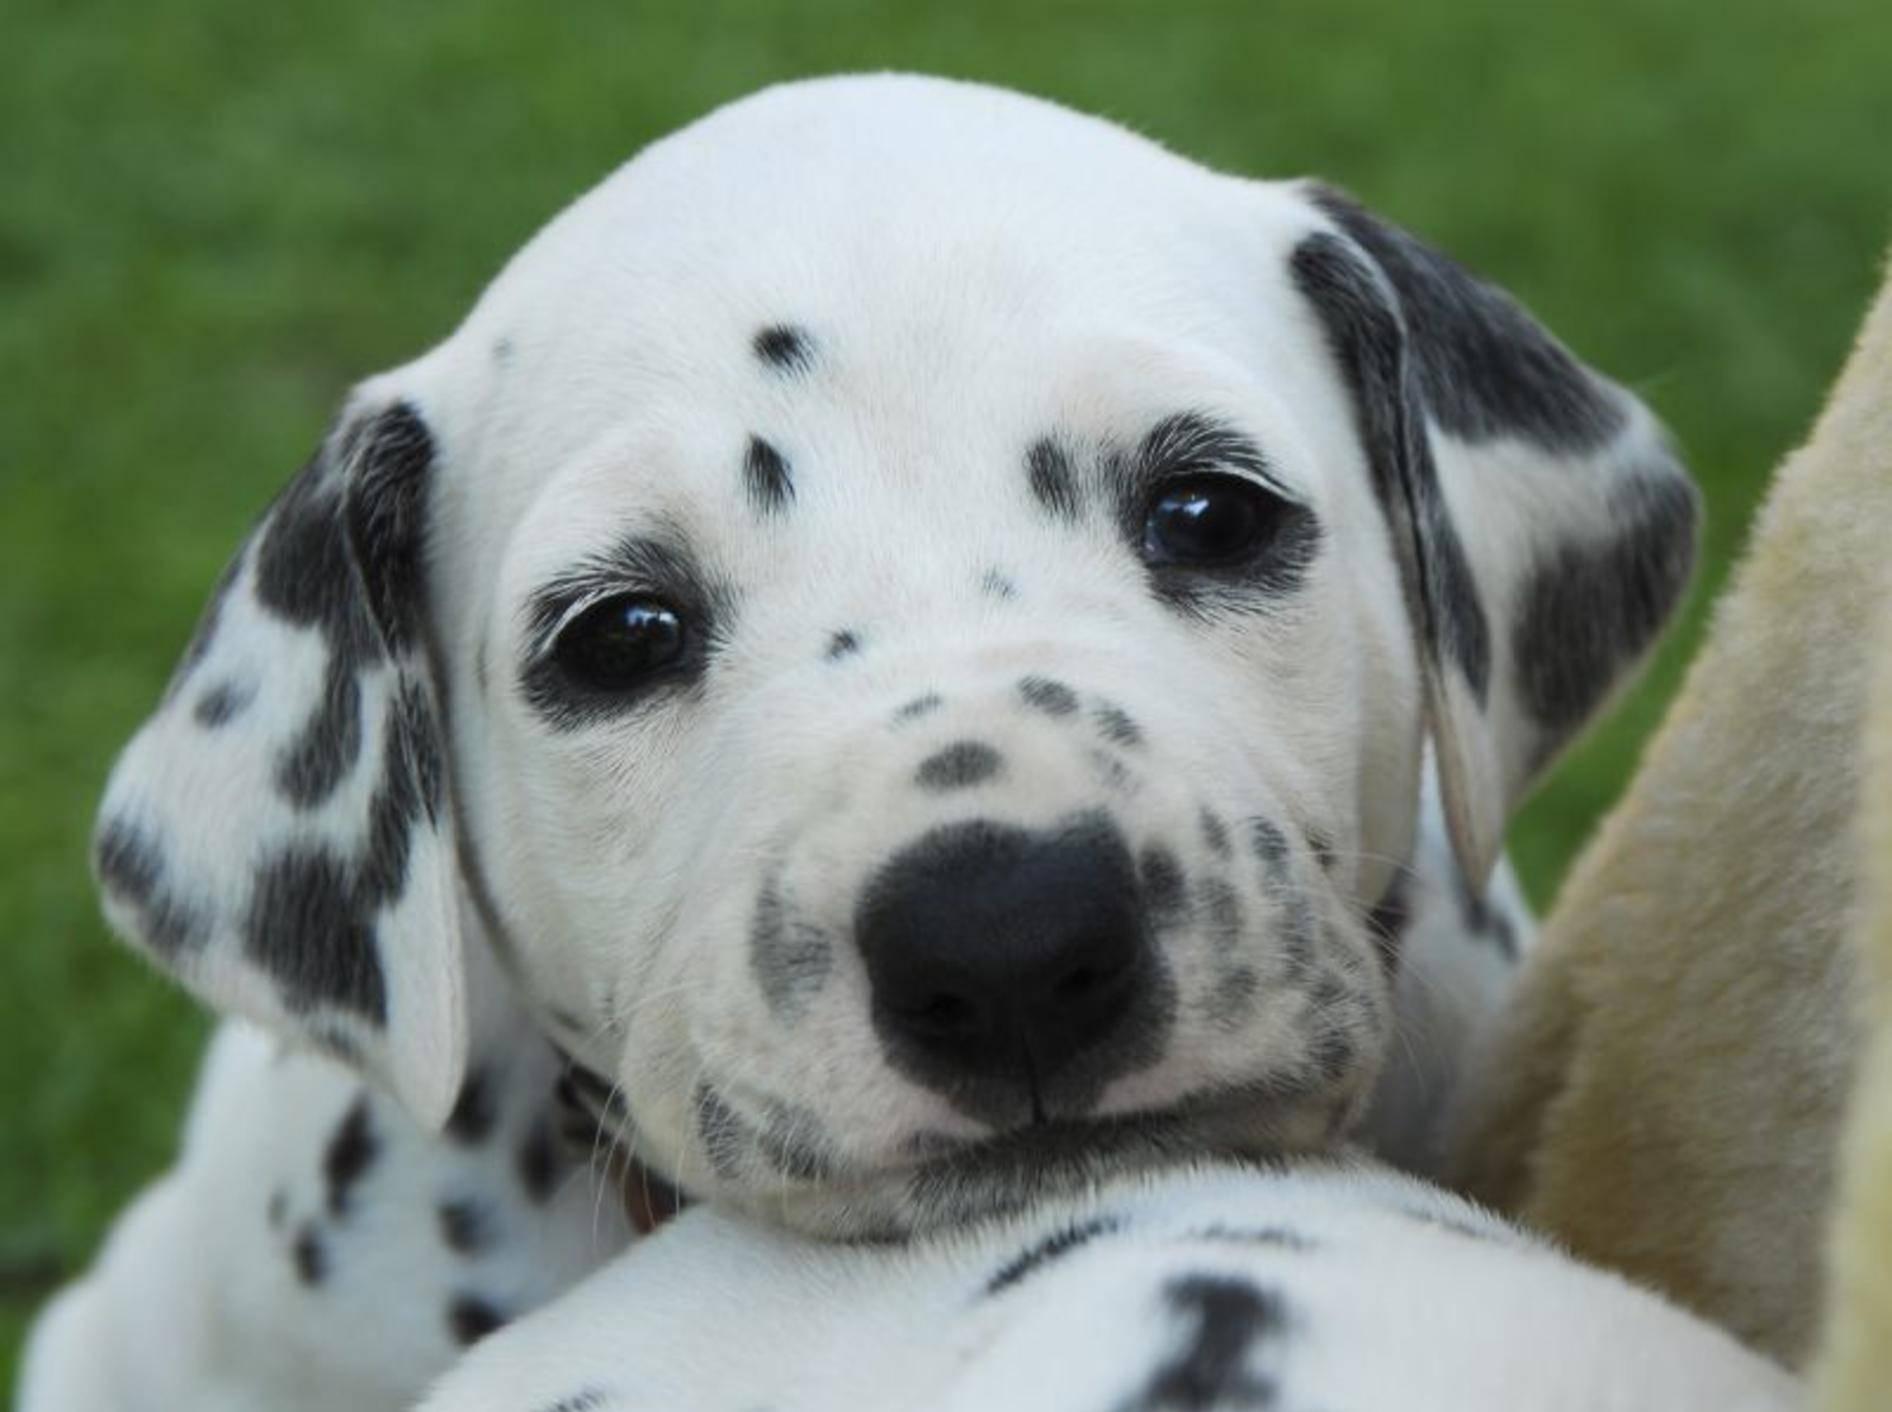 Dalmatiner sind tolle Hunde, die einen erfahrenen Besitzer brauchen – Bild: Shutterstock / Bildagentur Zoonar GmbH